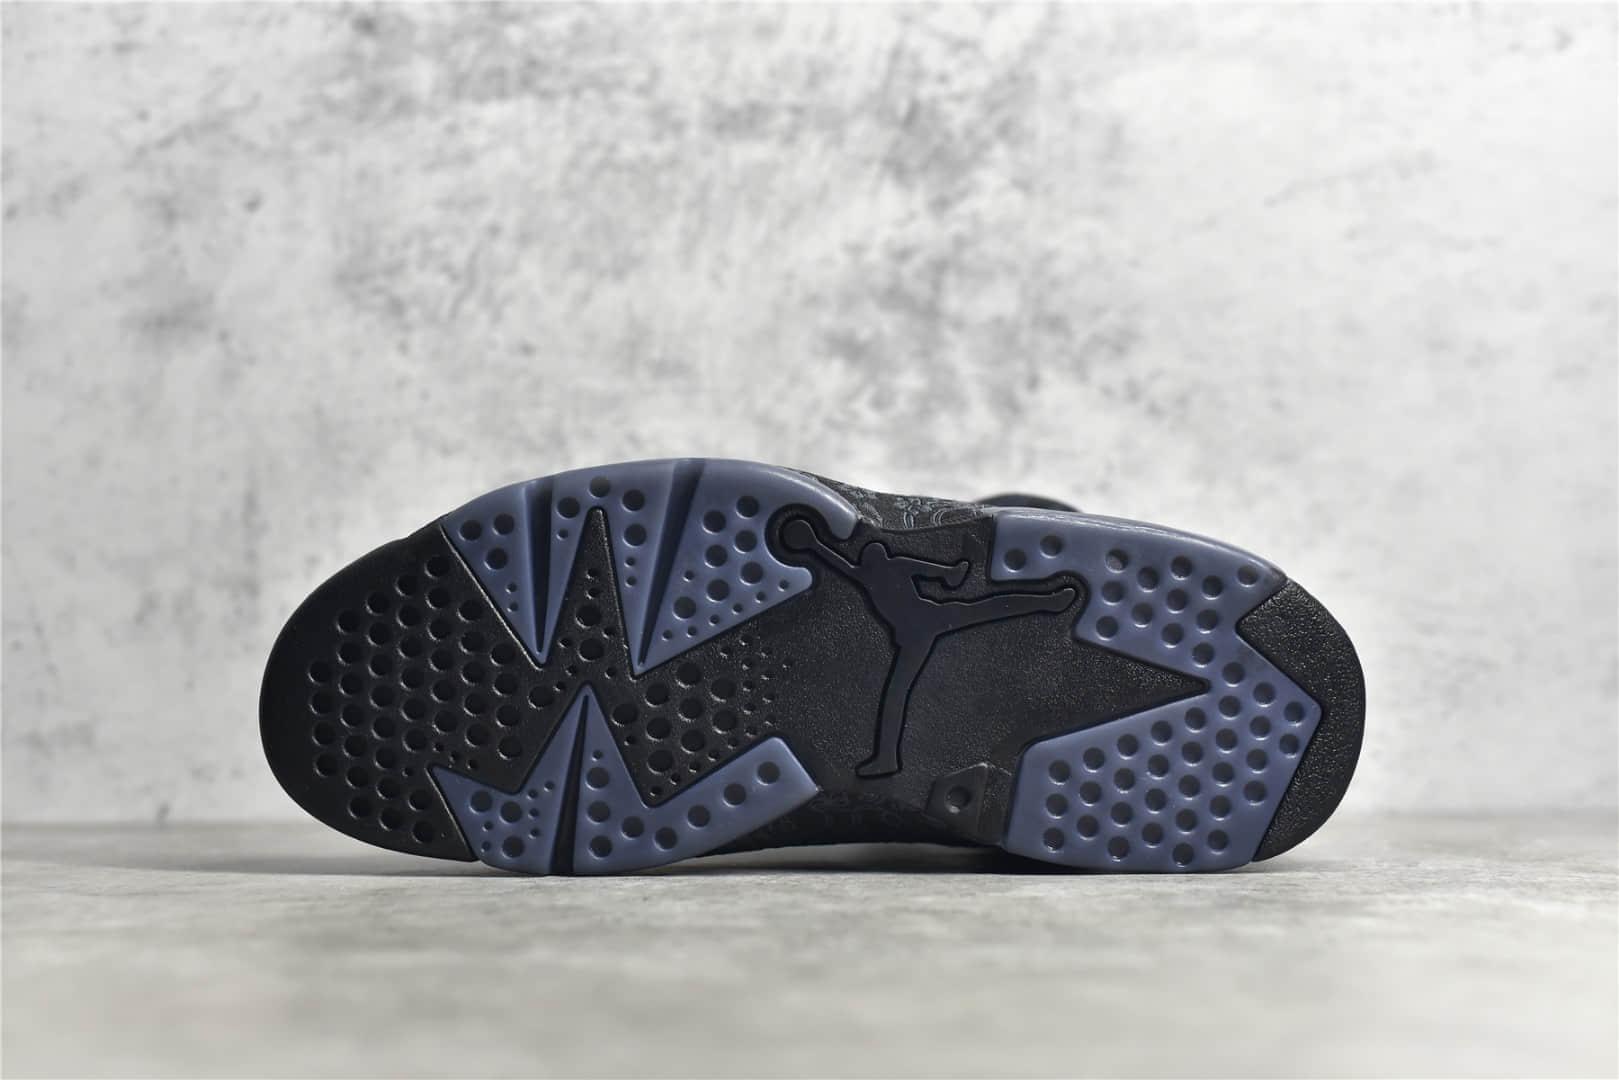 """AJ6黑丝绸中国结花卉纹理 Air Jordan 6 SD WMNS """"Singles Day"""" AJ6中国限定 AJ6黑色实战球鞋 货号:DB9818-001-潮流者之家"""